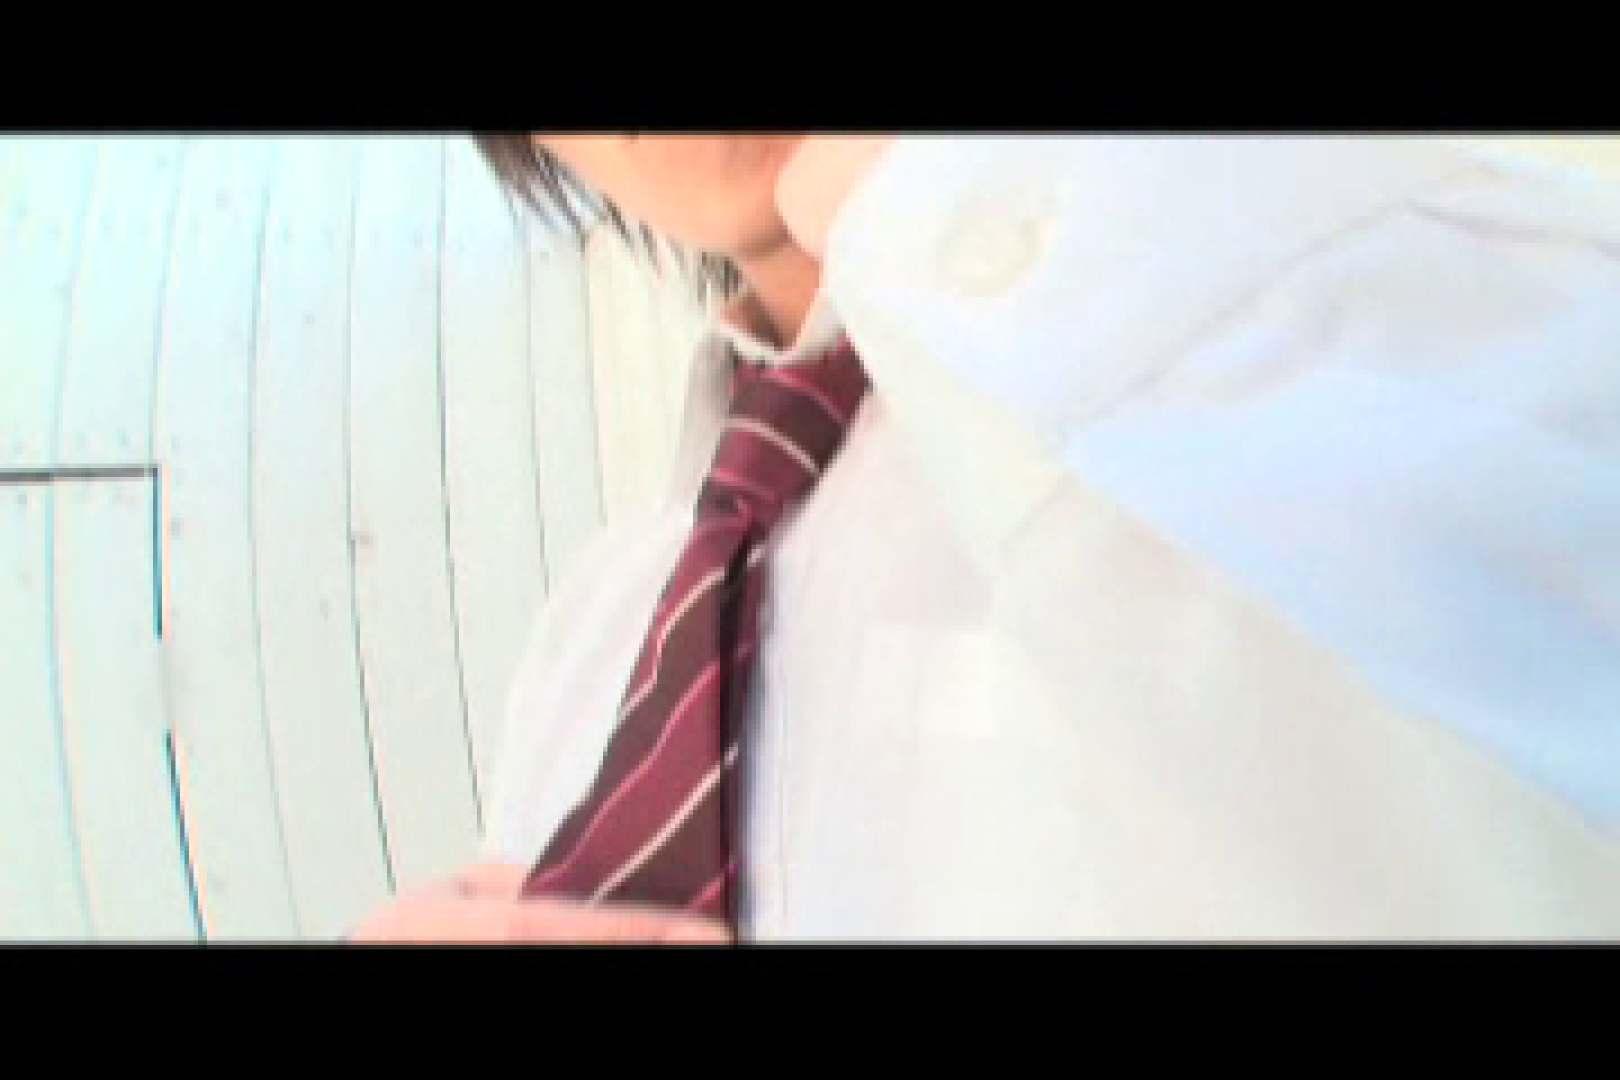 美男子コレクションvol5 エロすぎる映像 ゲイ射精画像 74画像 23